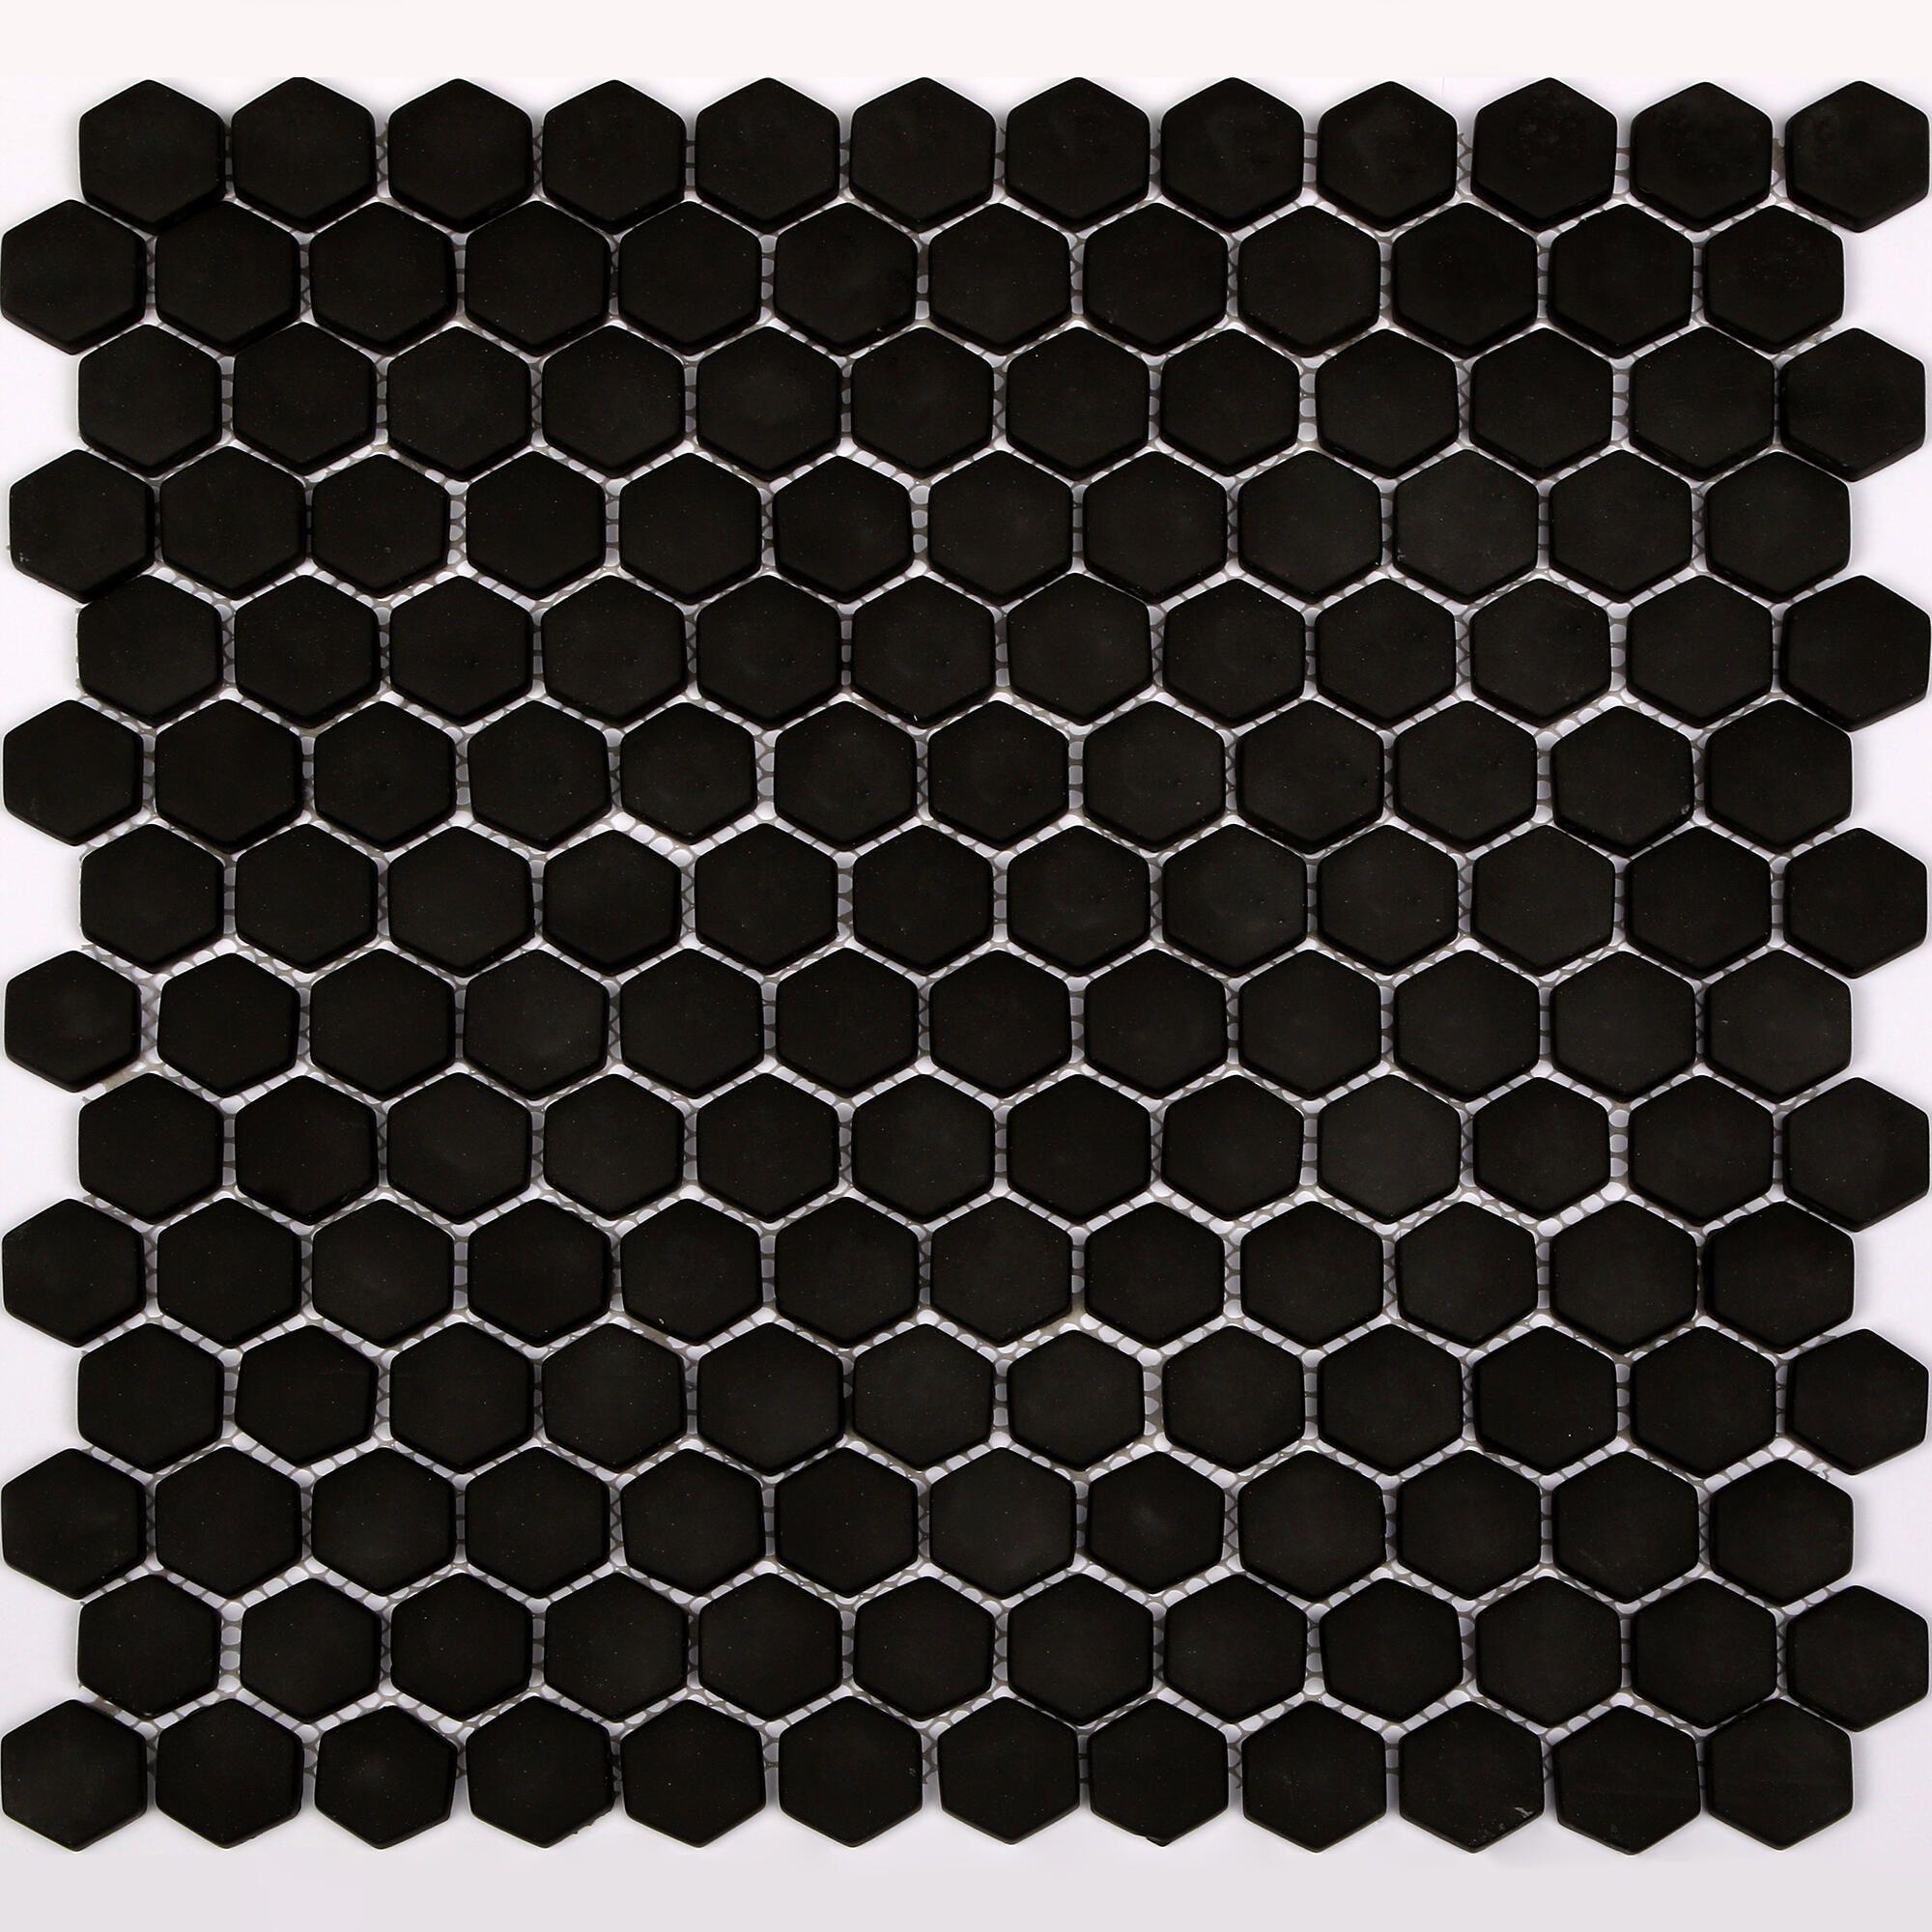 neagră plantară mozaic papillomavirus hpv 16